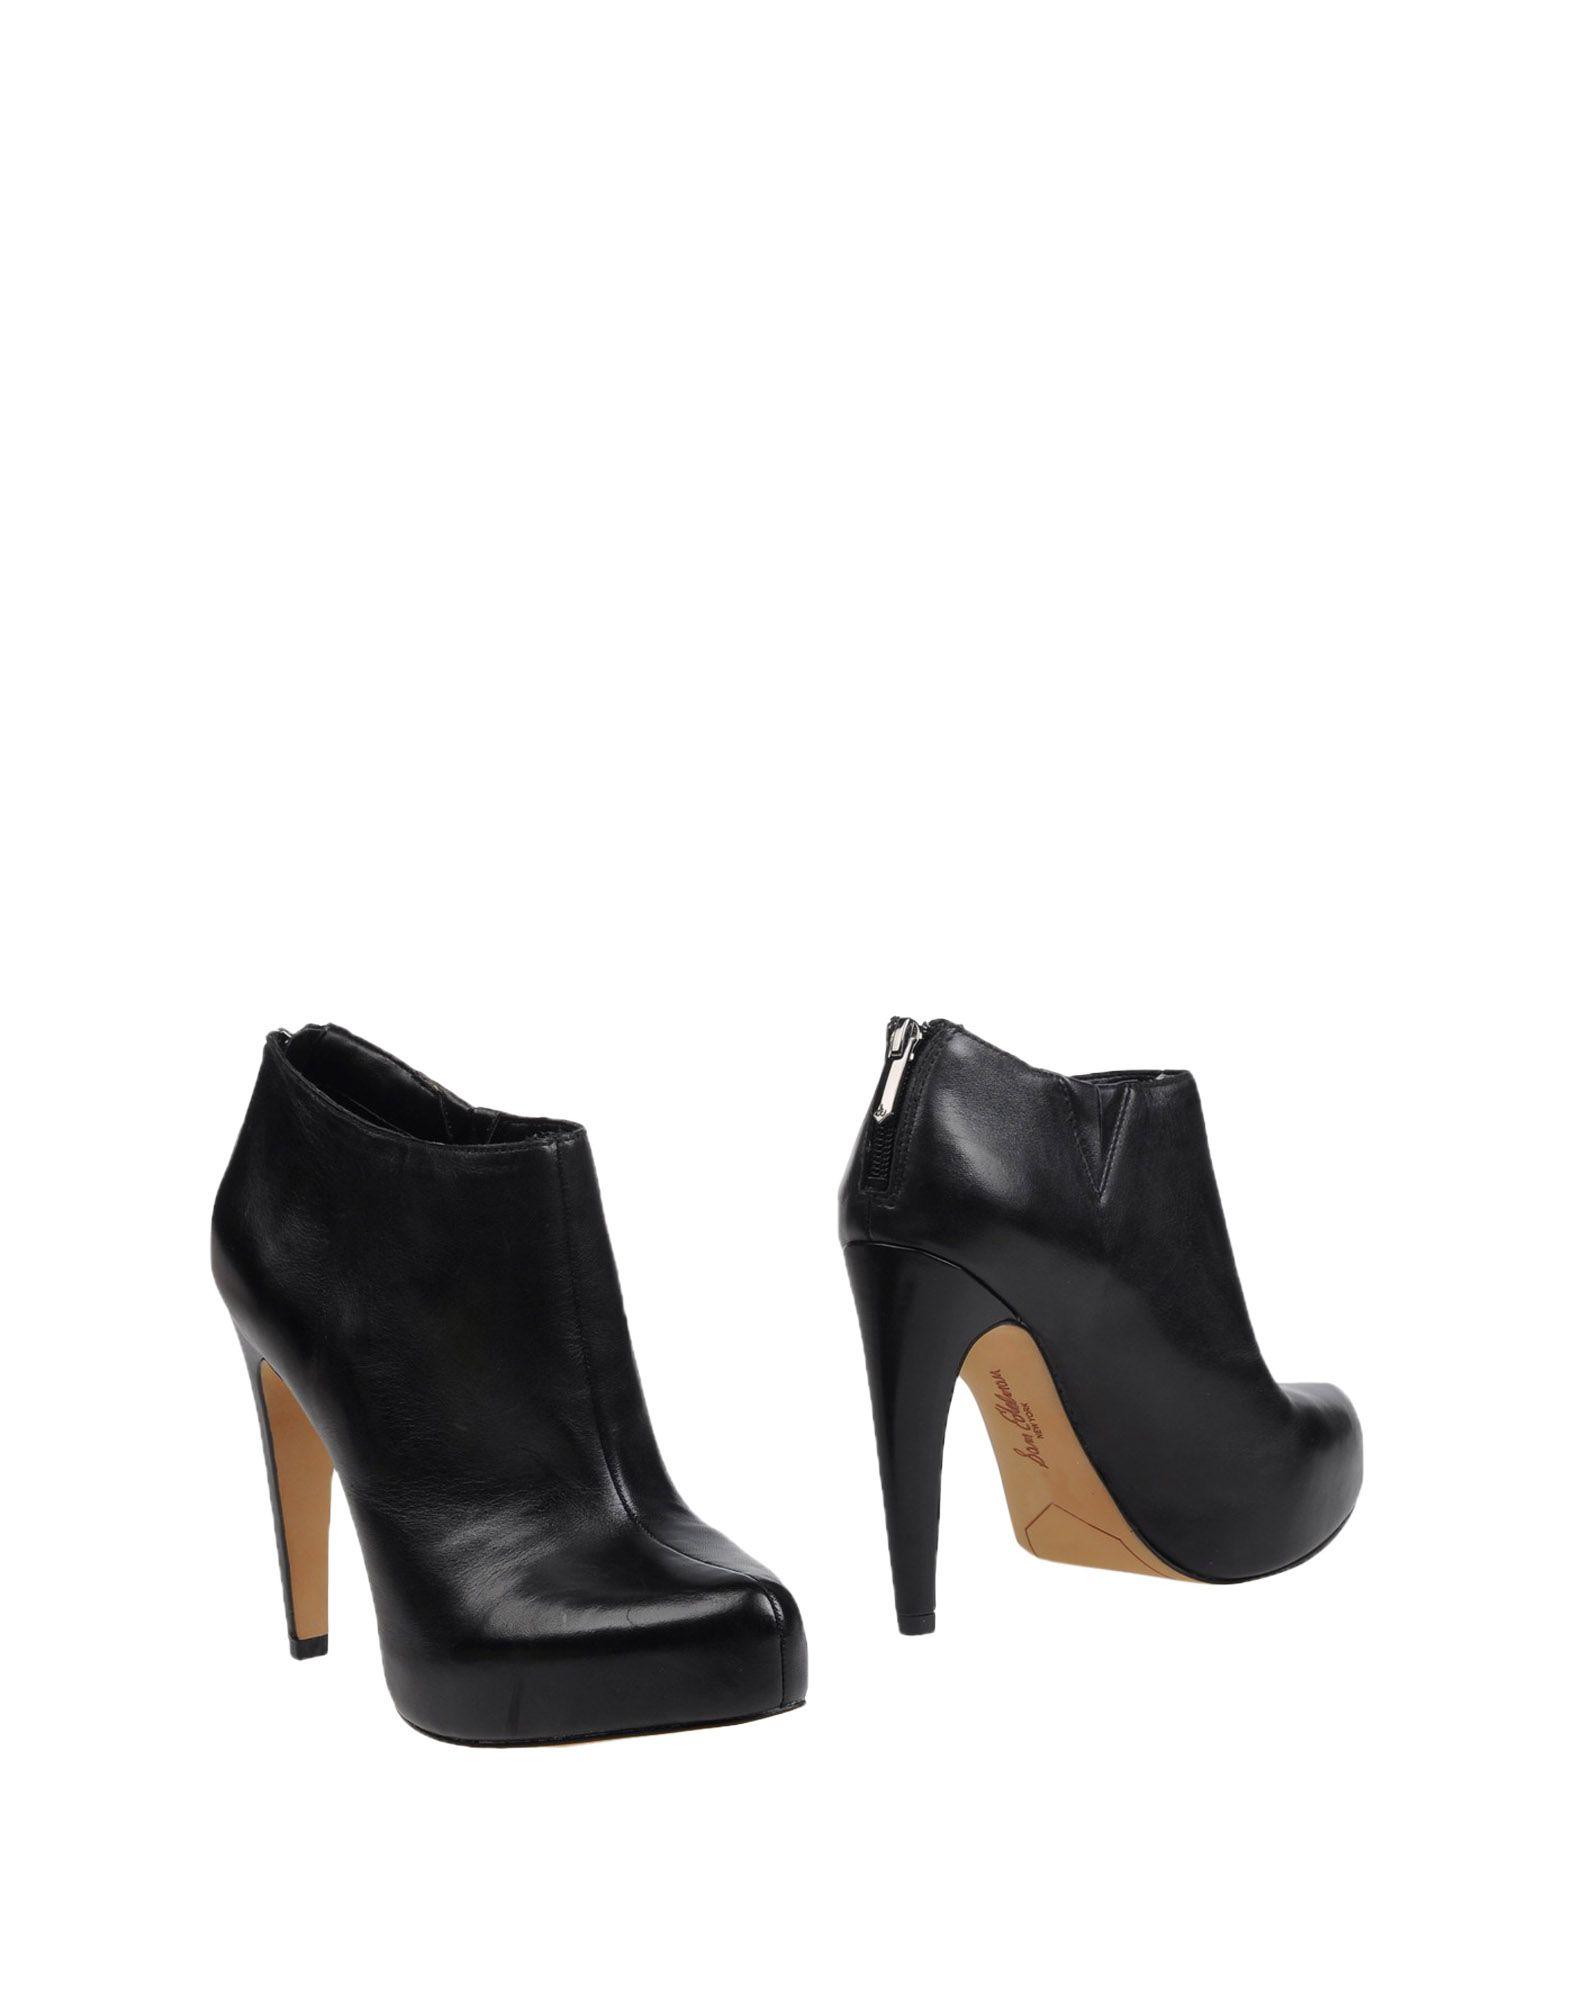 Sam Edelman Stiefelette Damen  11134464XO Gute Qualität beliebte Schuhe